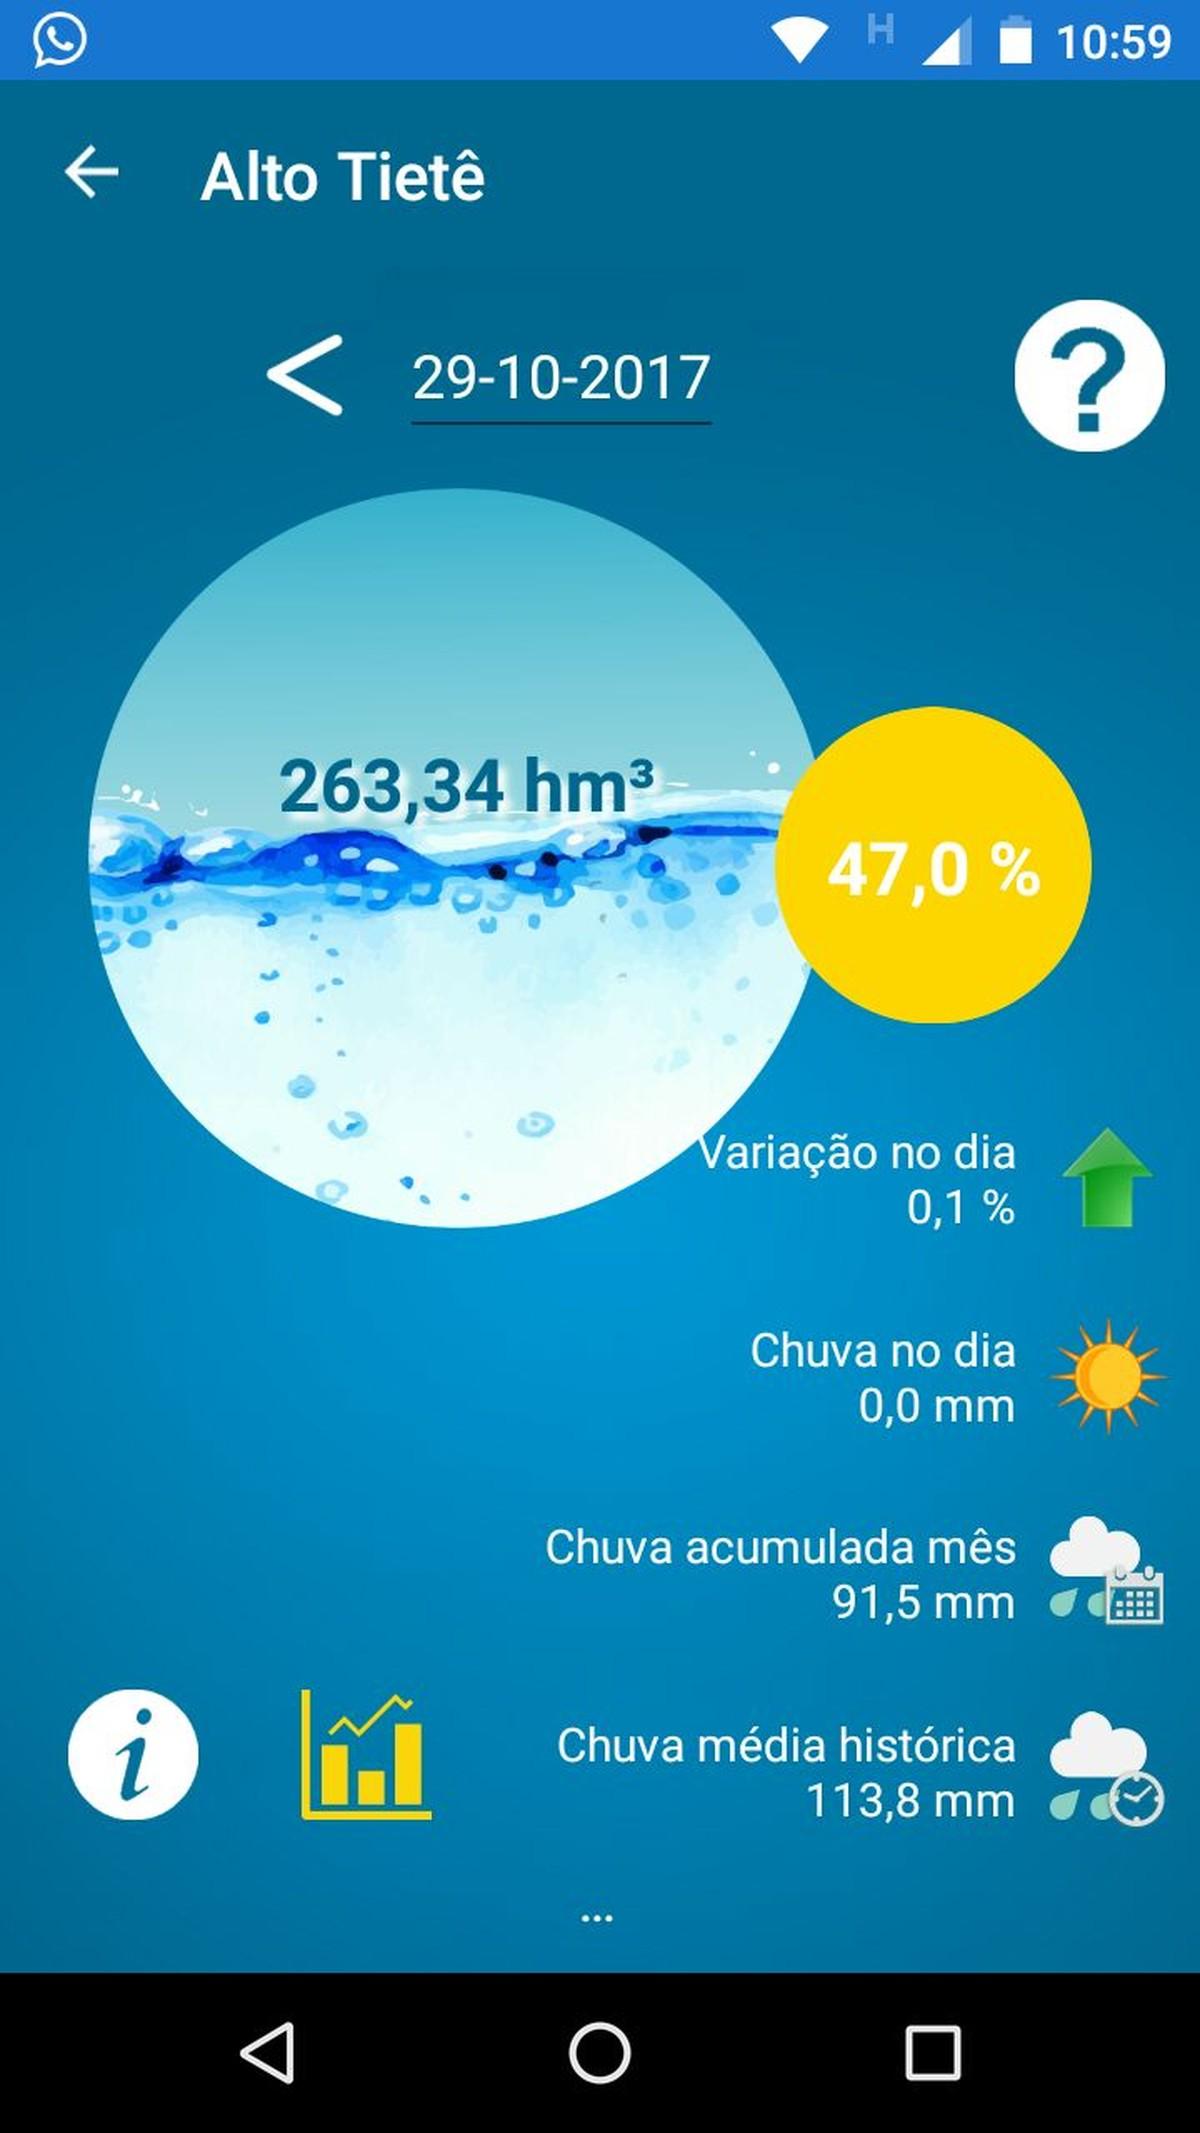 Situação de represas do Sistema Alto Tietê agora pode ser monitorada por meio de aplicativo